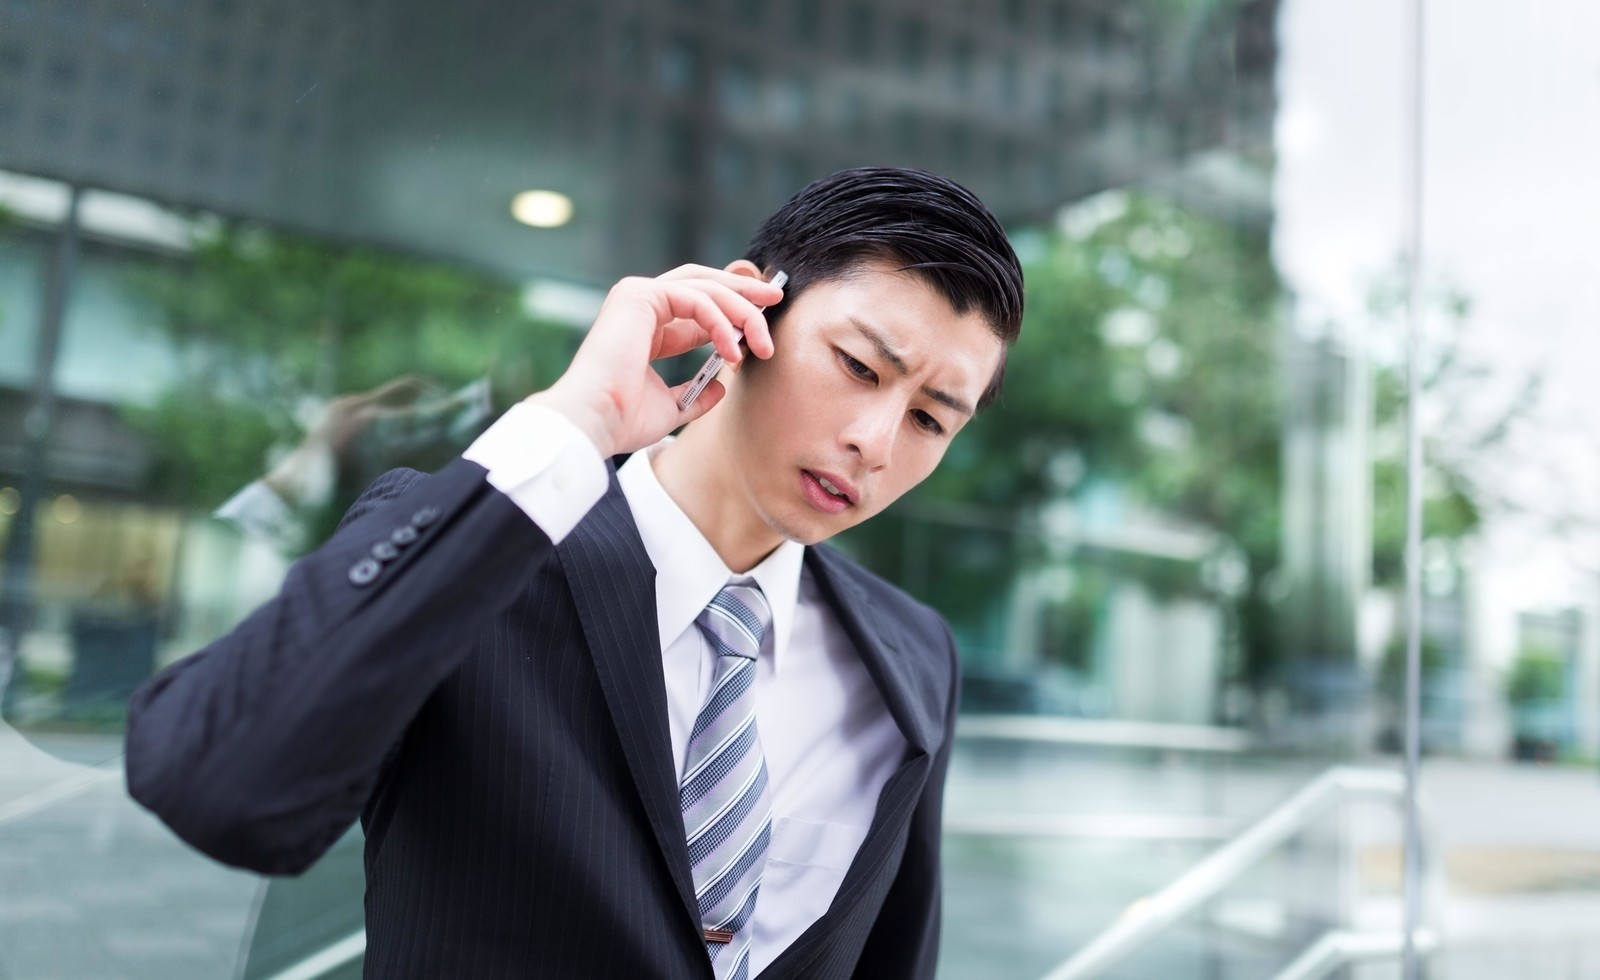 「先方からの連絡にいち早く対応するやり手のビジネスマン先方からの連絡にいち早く対応するやり手のビジネスマン」[モデル:川崎大洋]のフリー写真素材を拡大